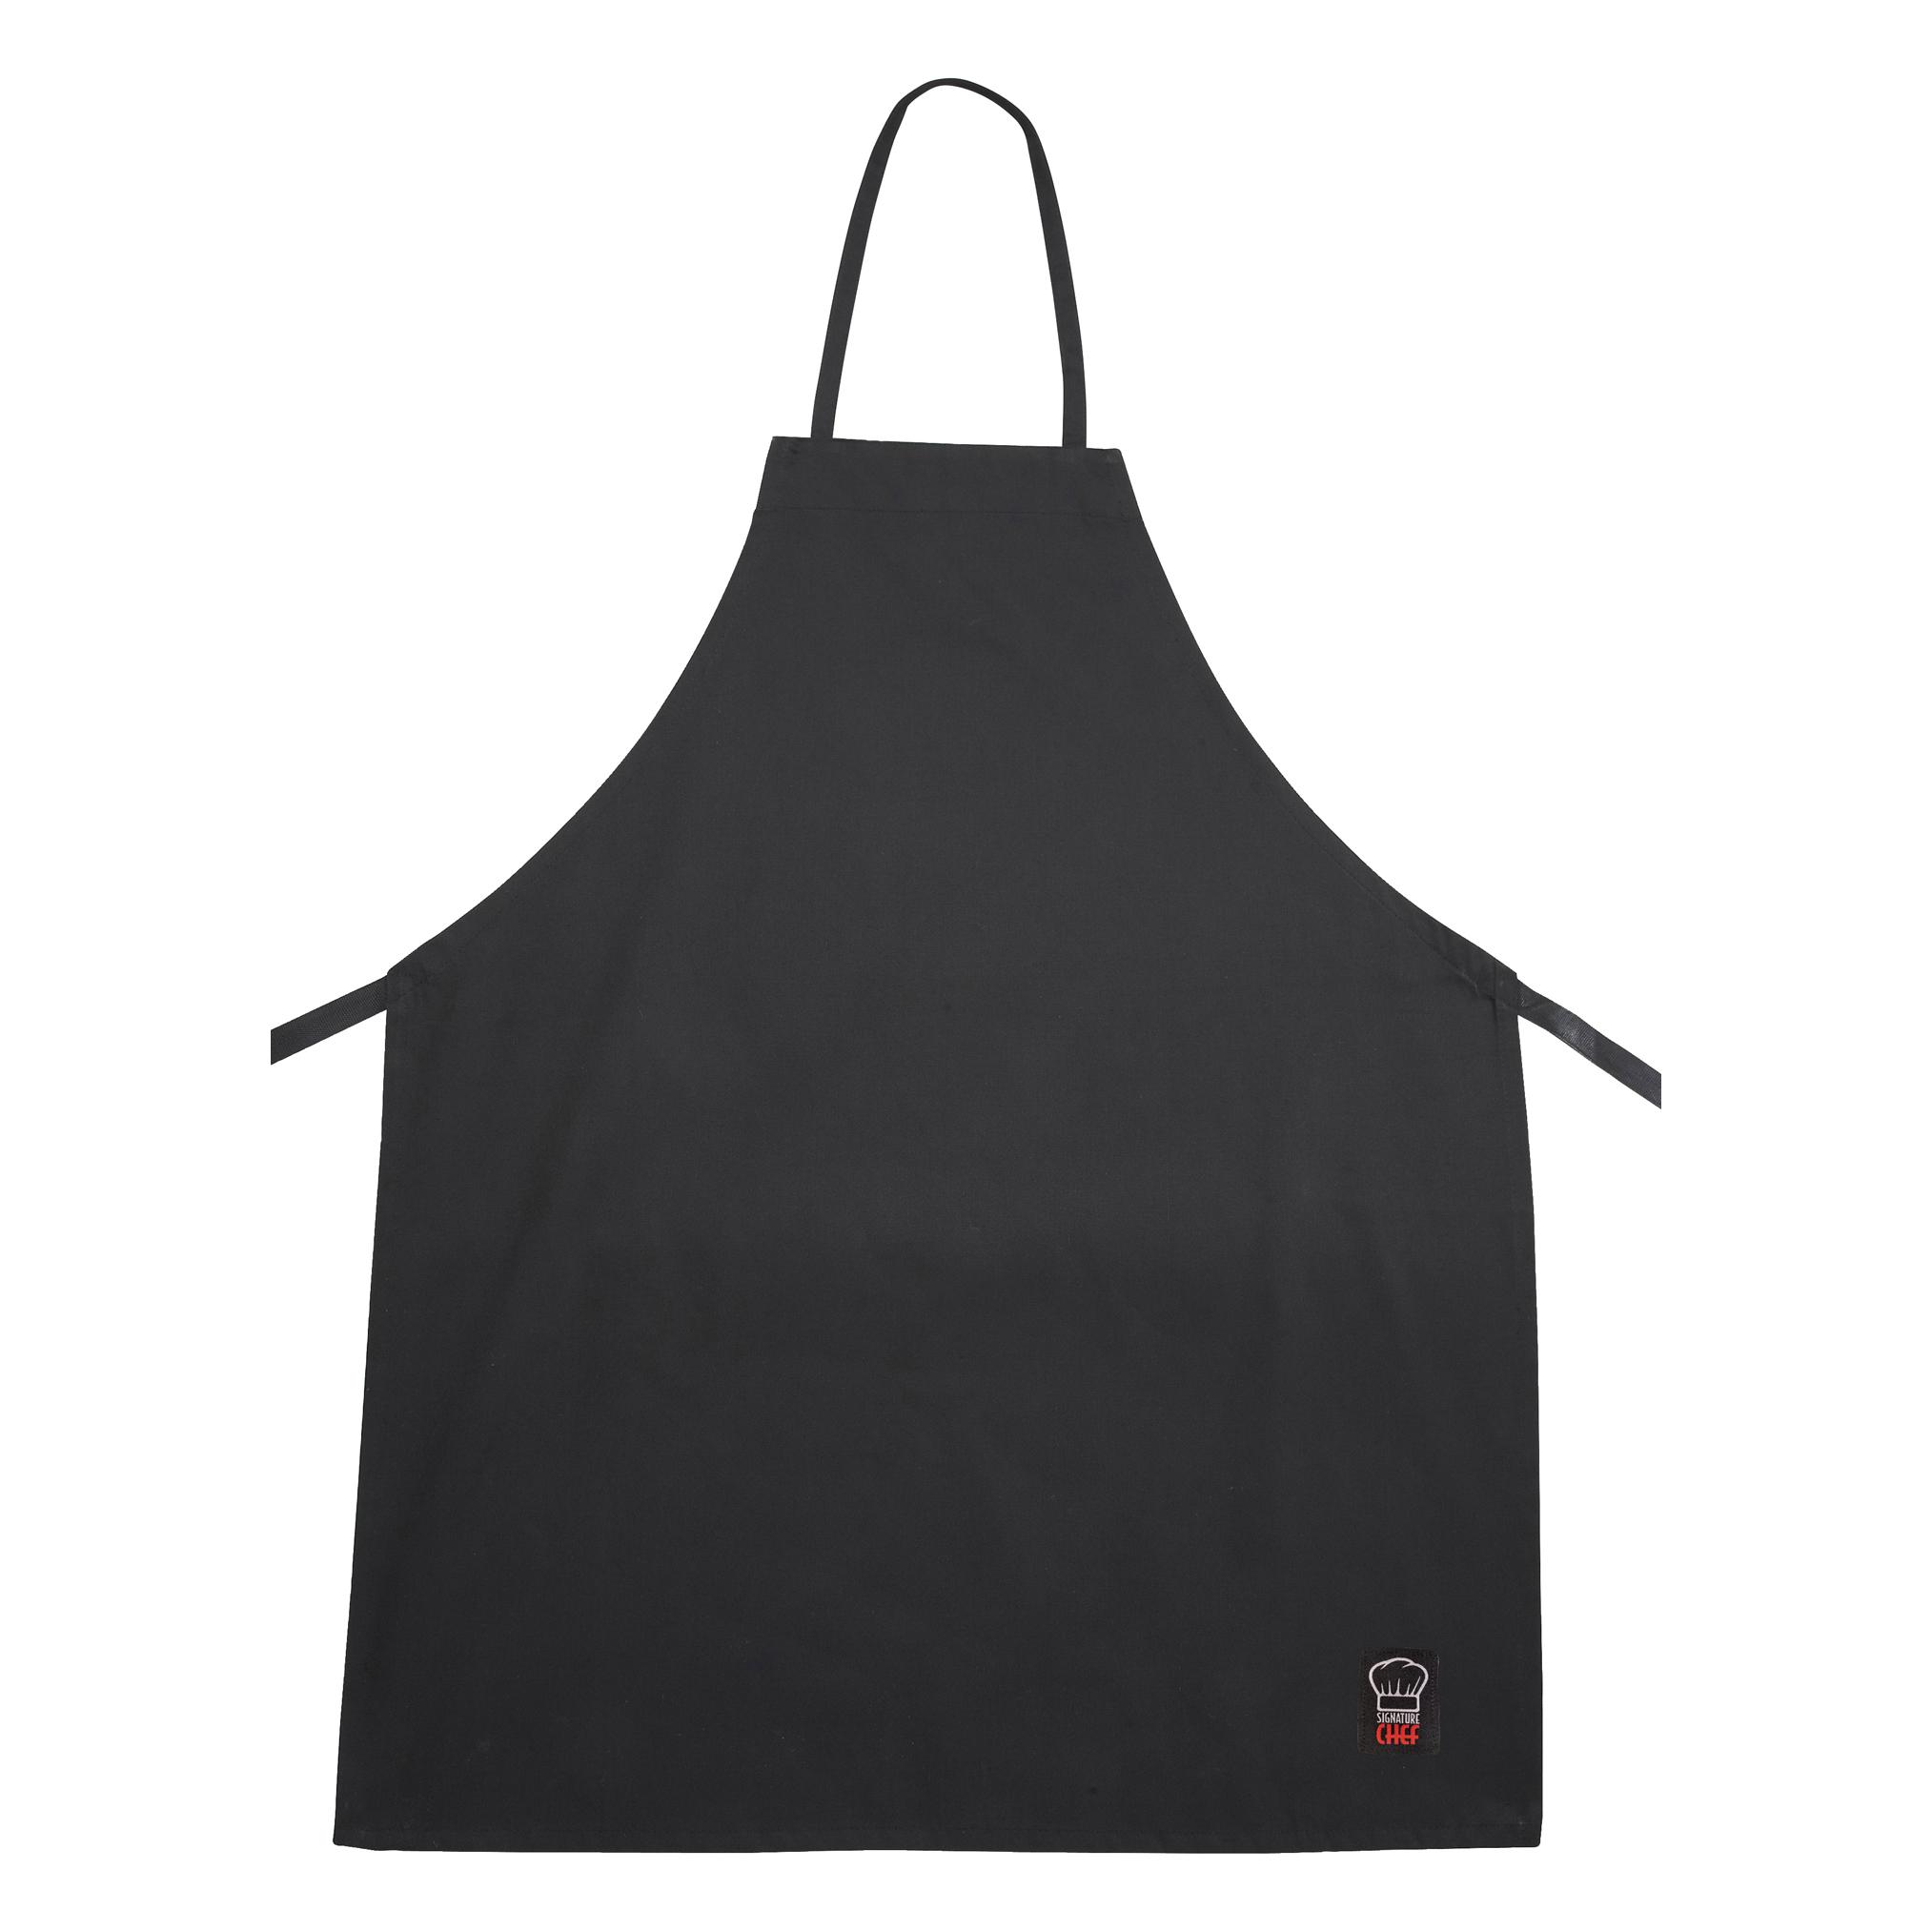 Winco BA-3226BK bib apron